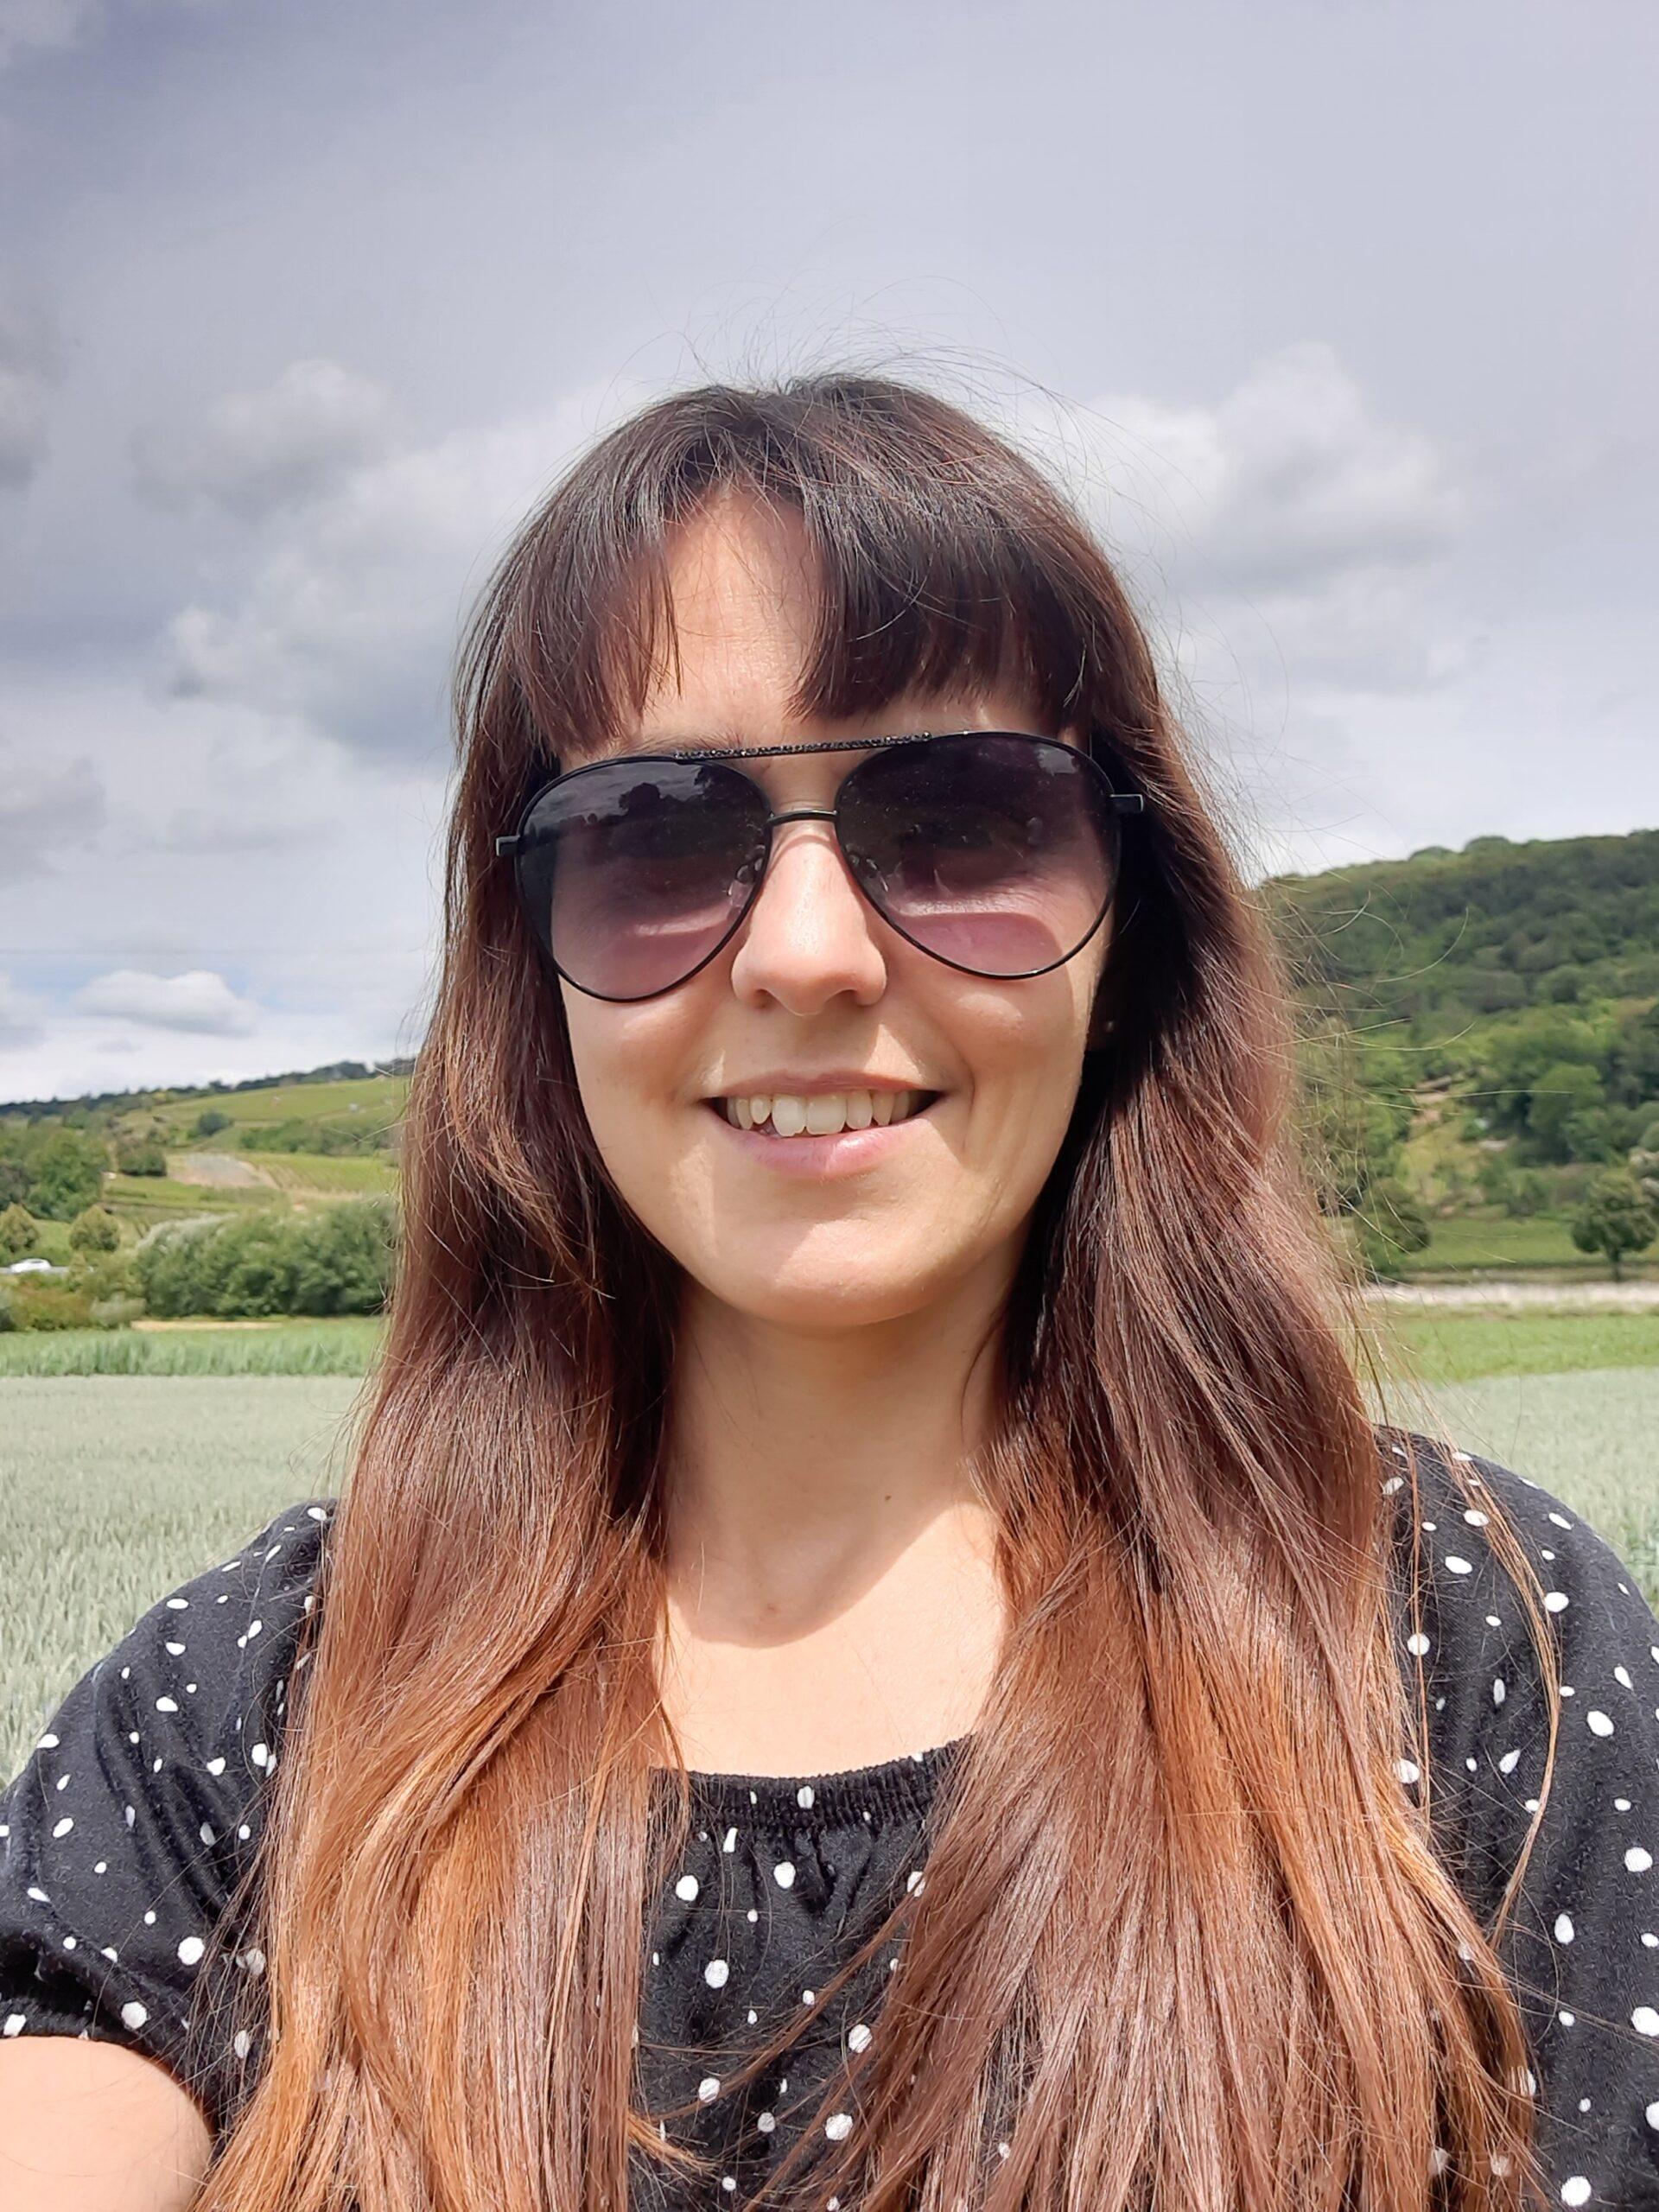 Denise Langeheinecke